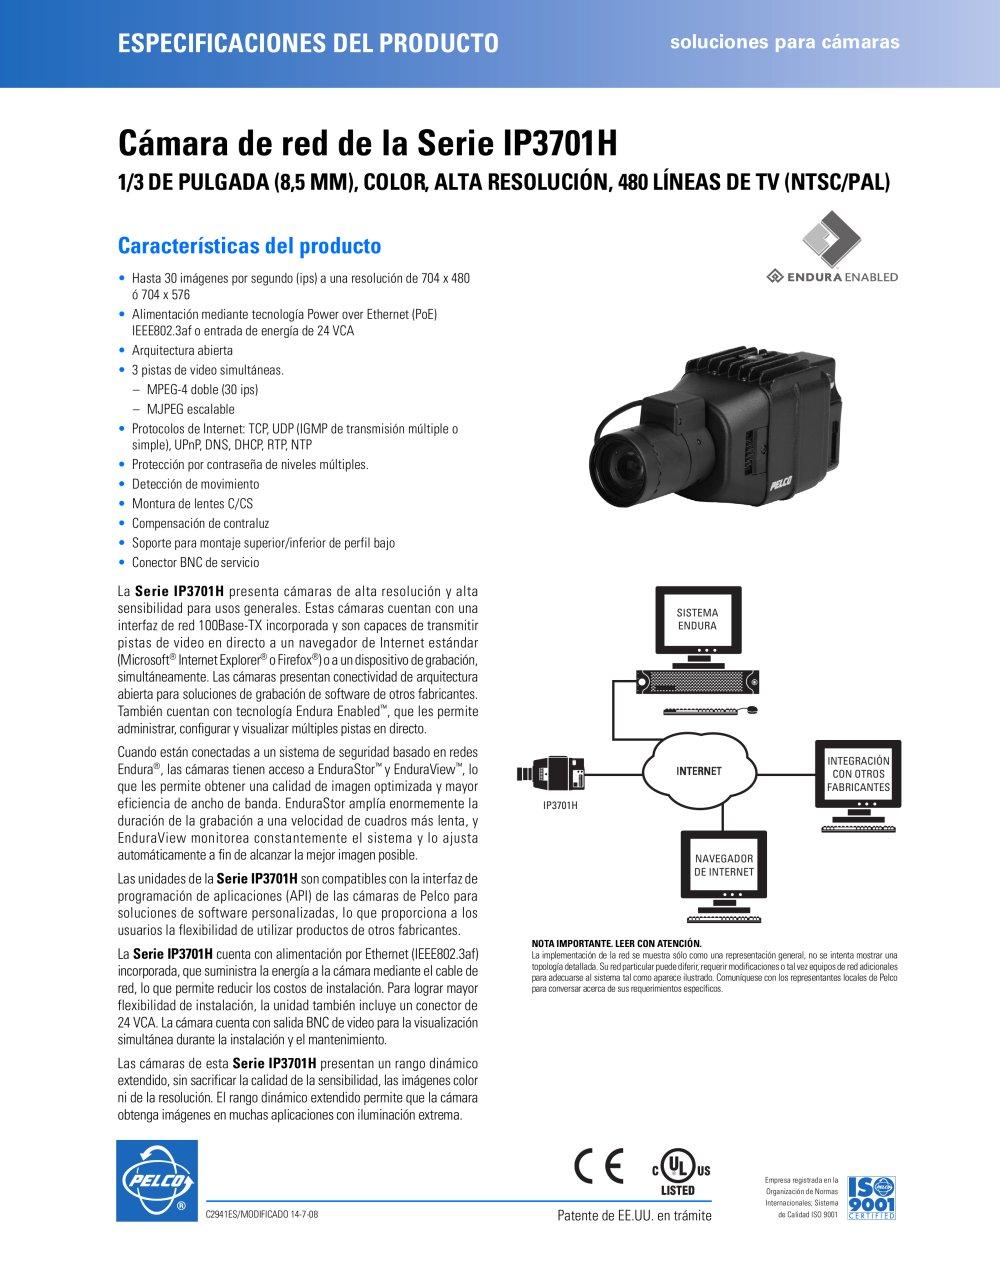 Cámara de red de la Serie IP3701H - PELCO - Catálogo PDF ...